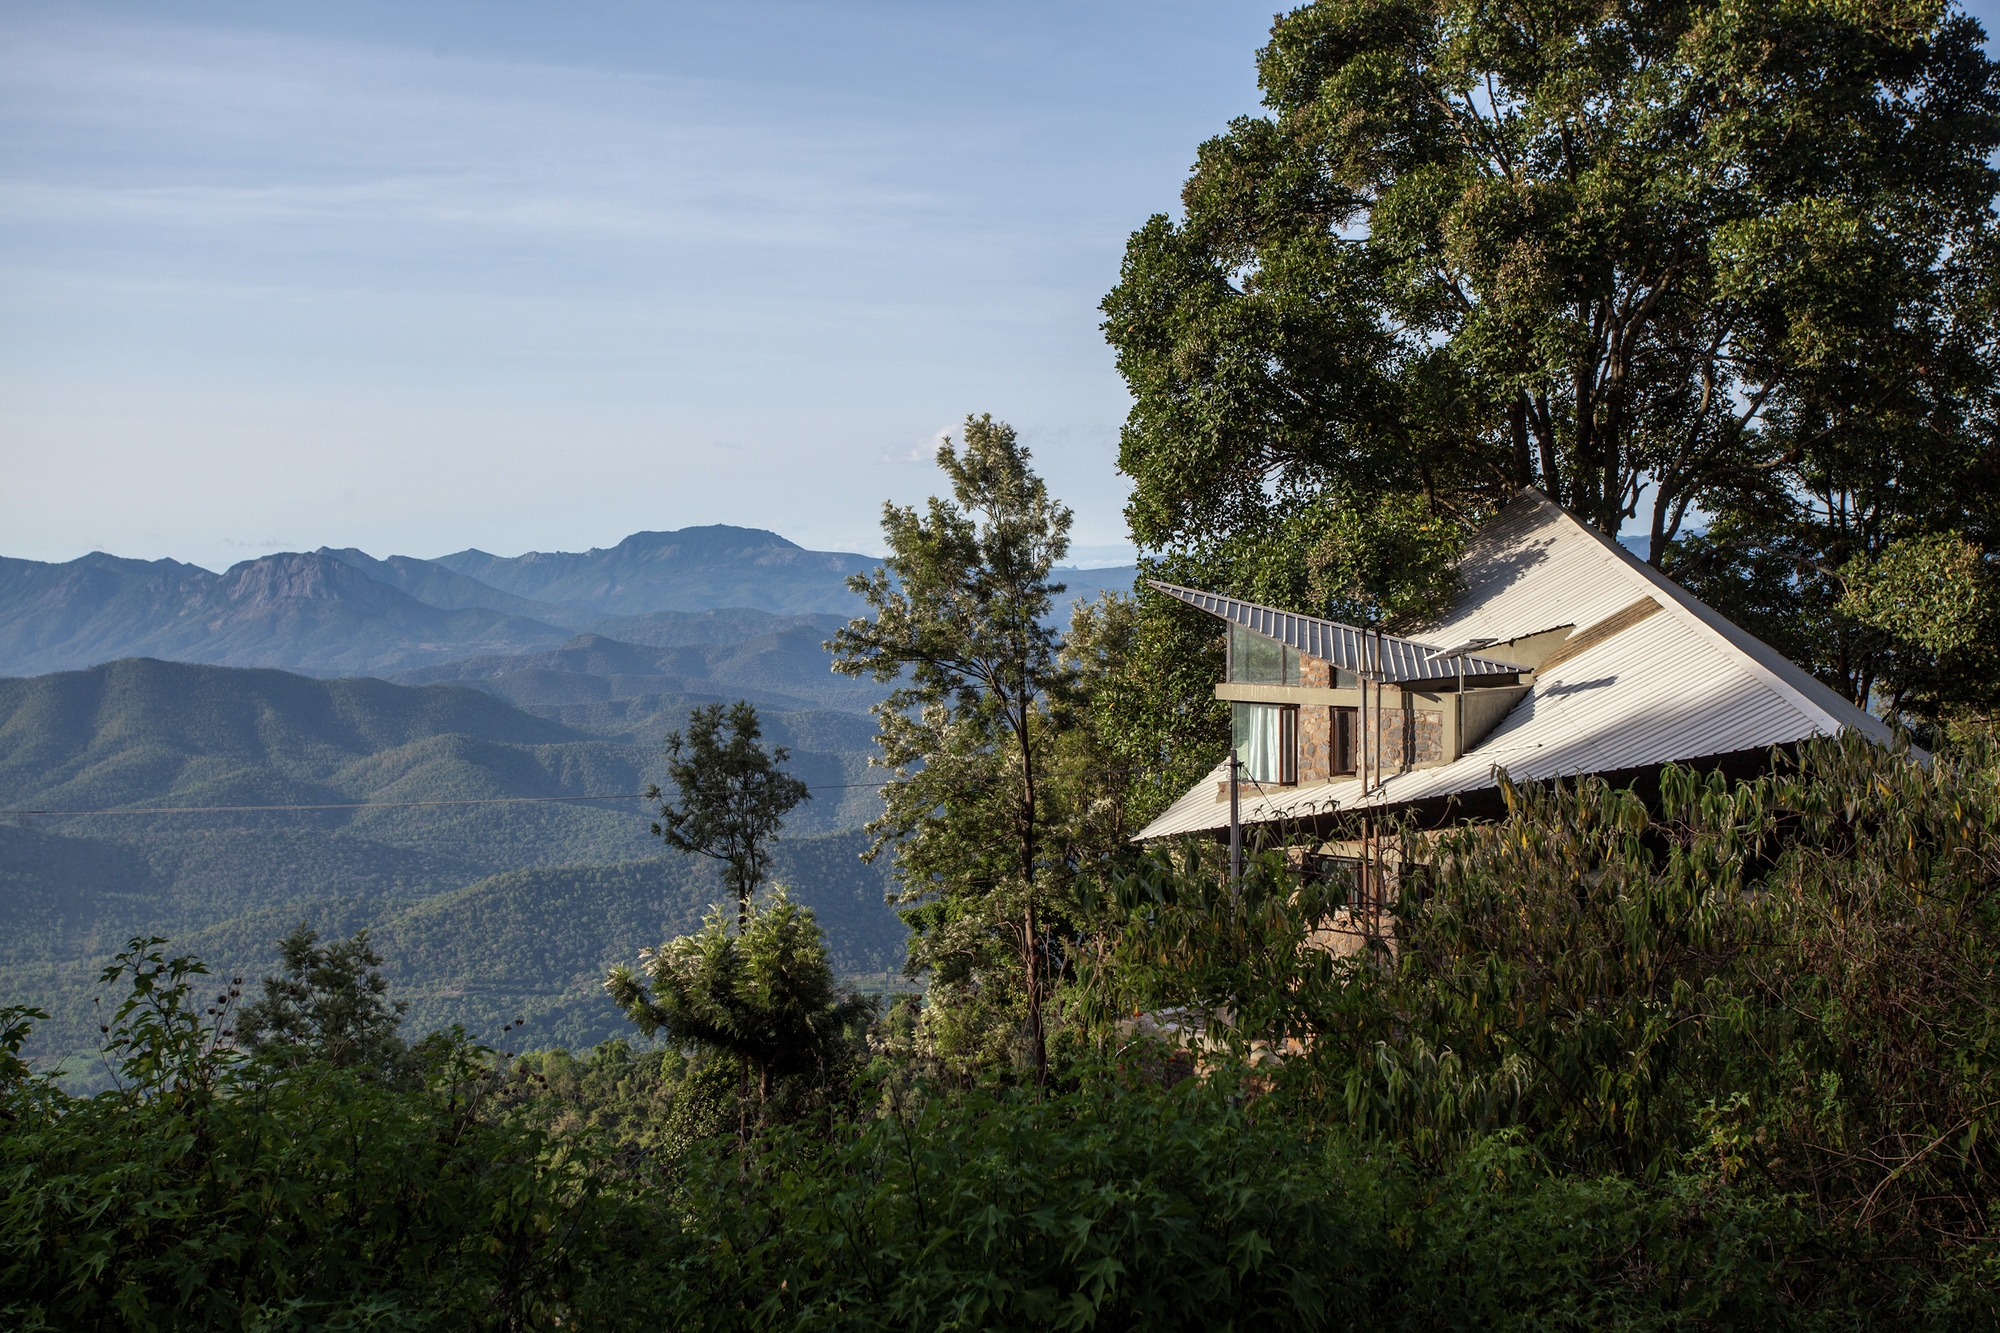 Dise o casa campo moderna estructura construye hogar for Diseno de casas de campo modernas